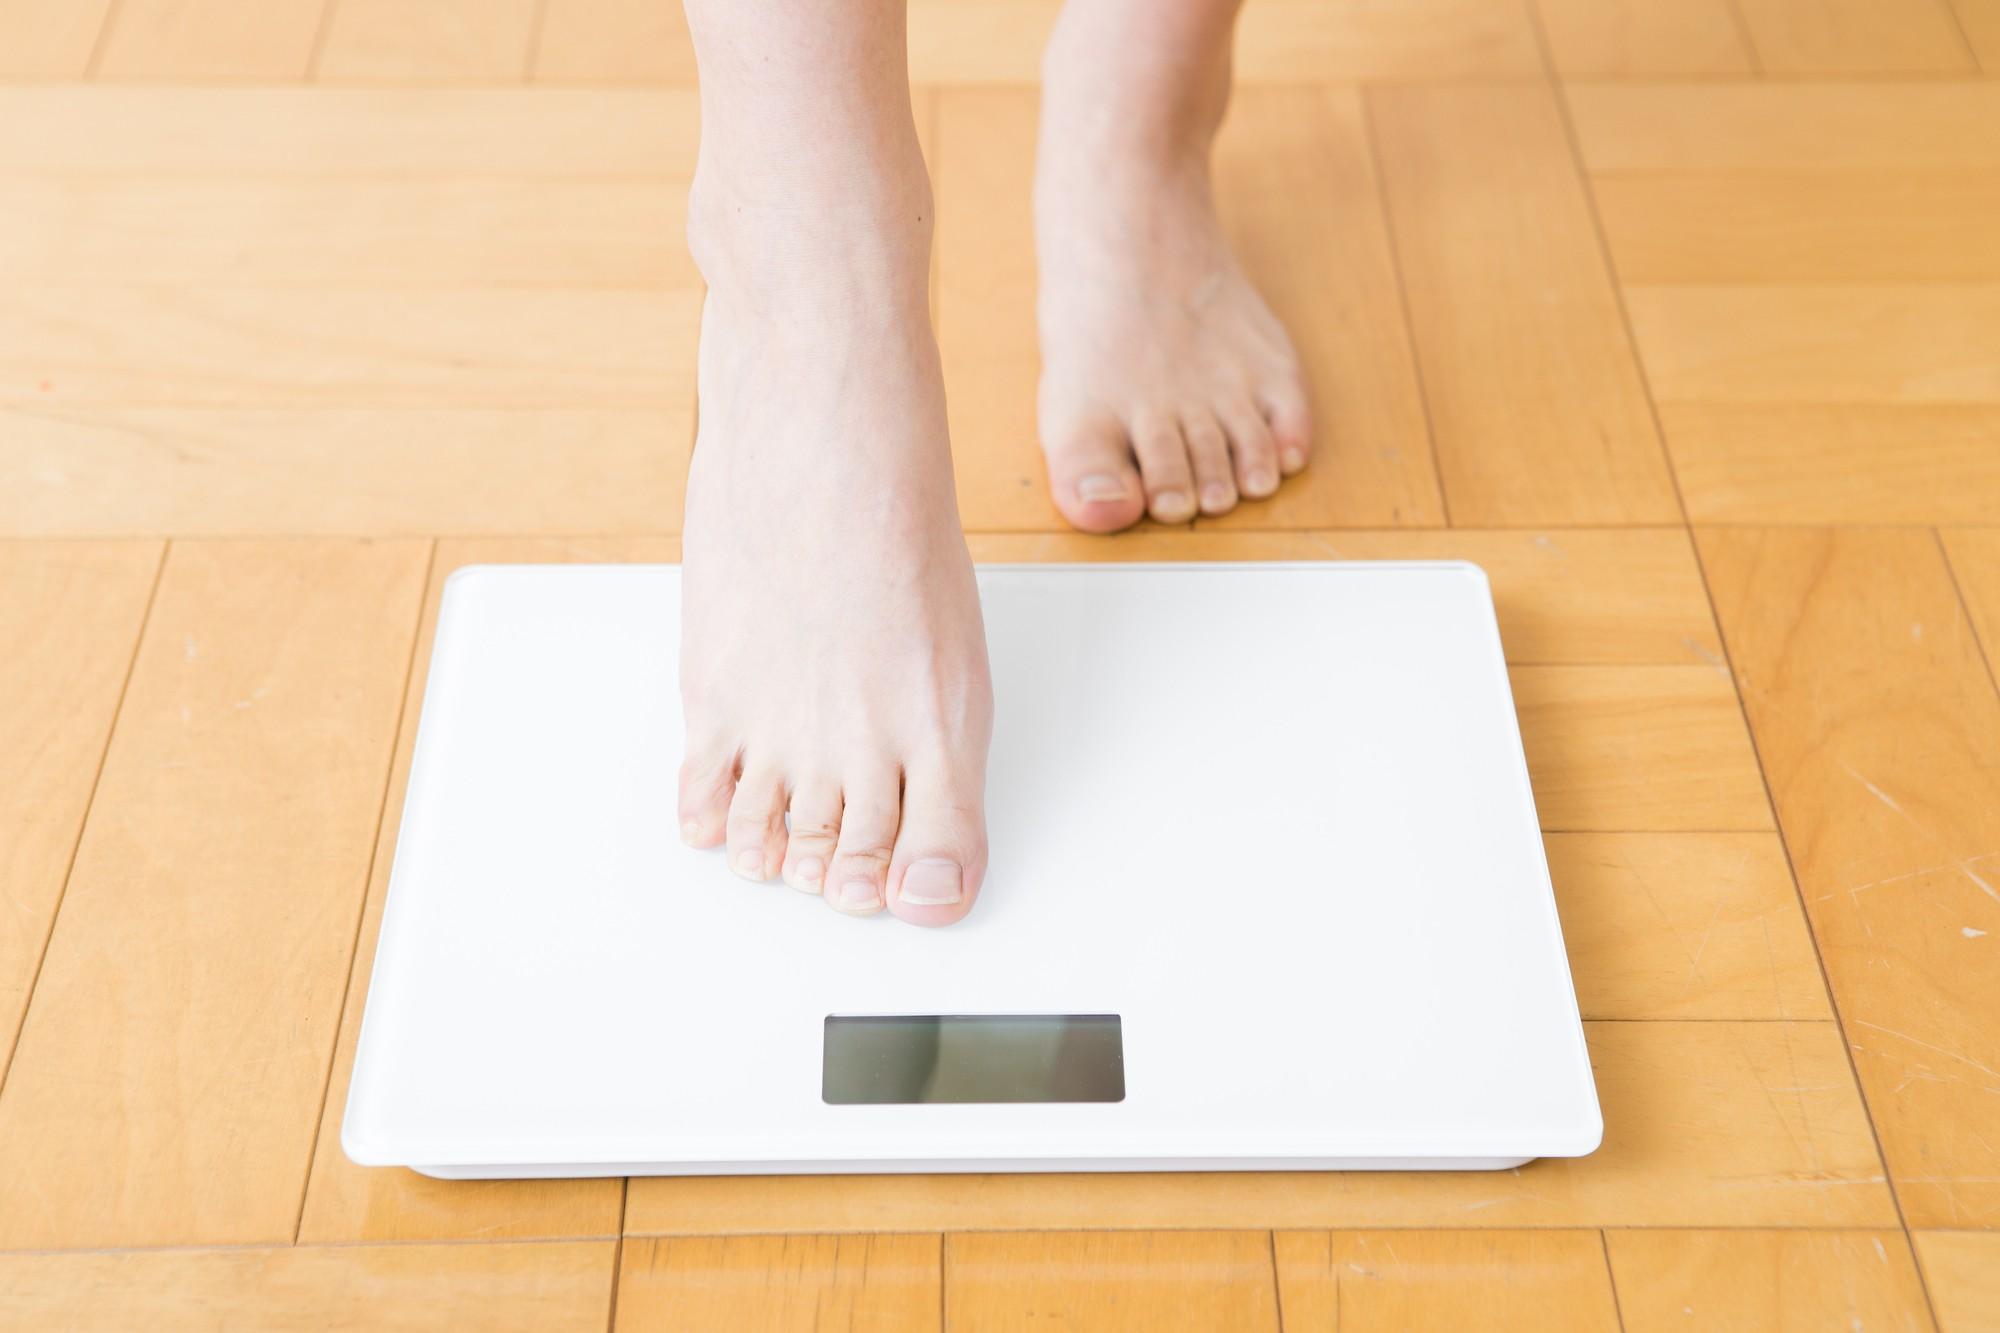 カロリー 30 消費 ハンド 分 クラップ